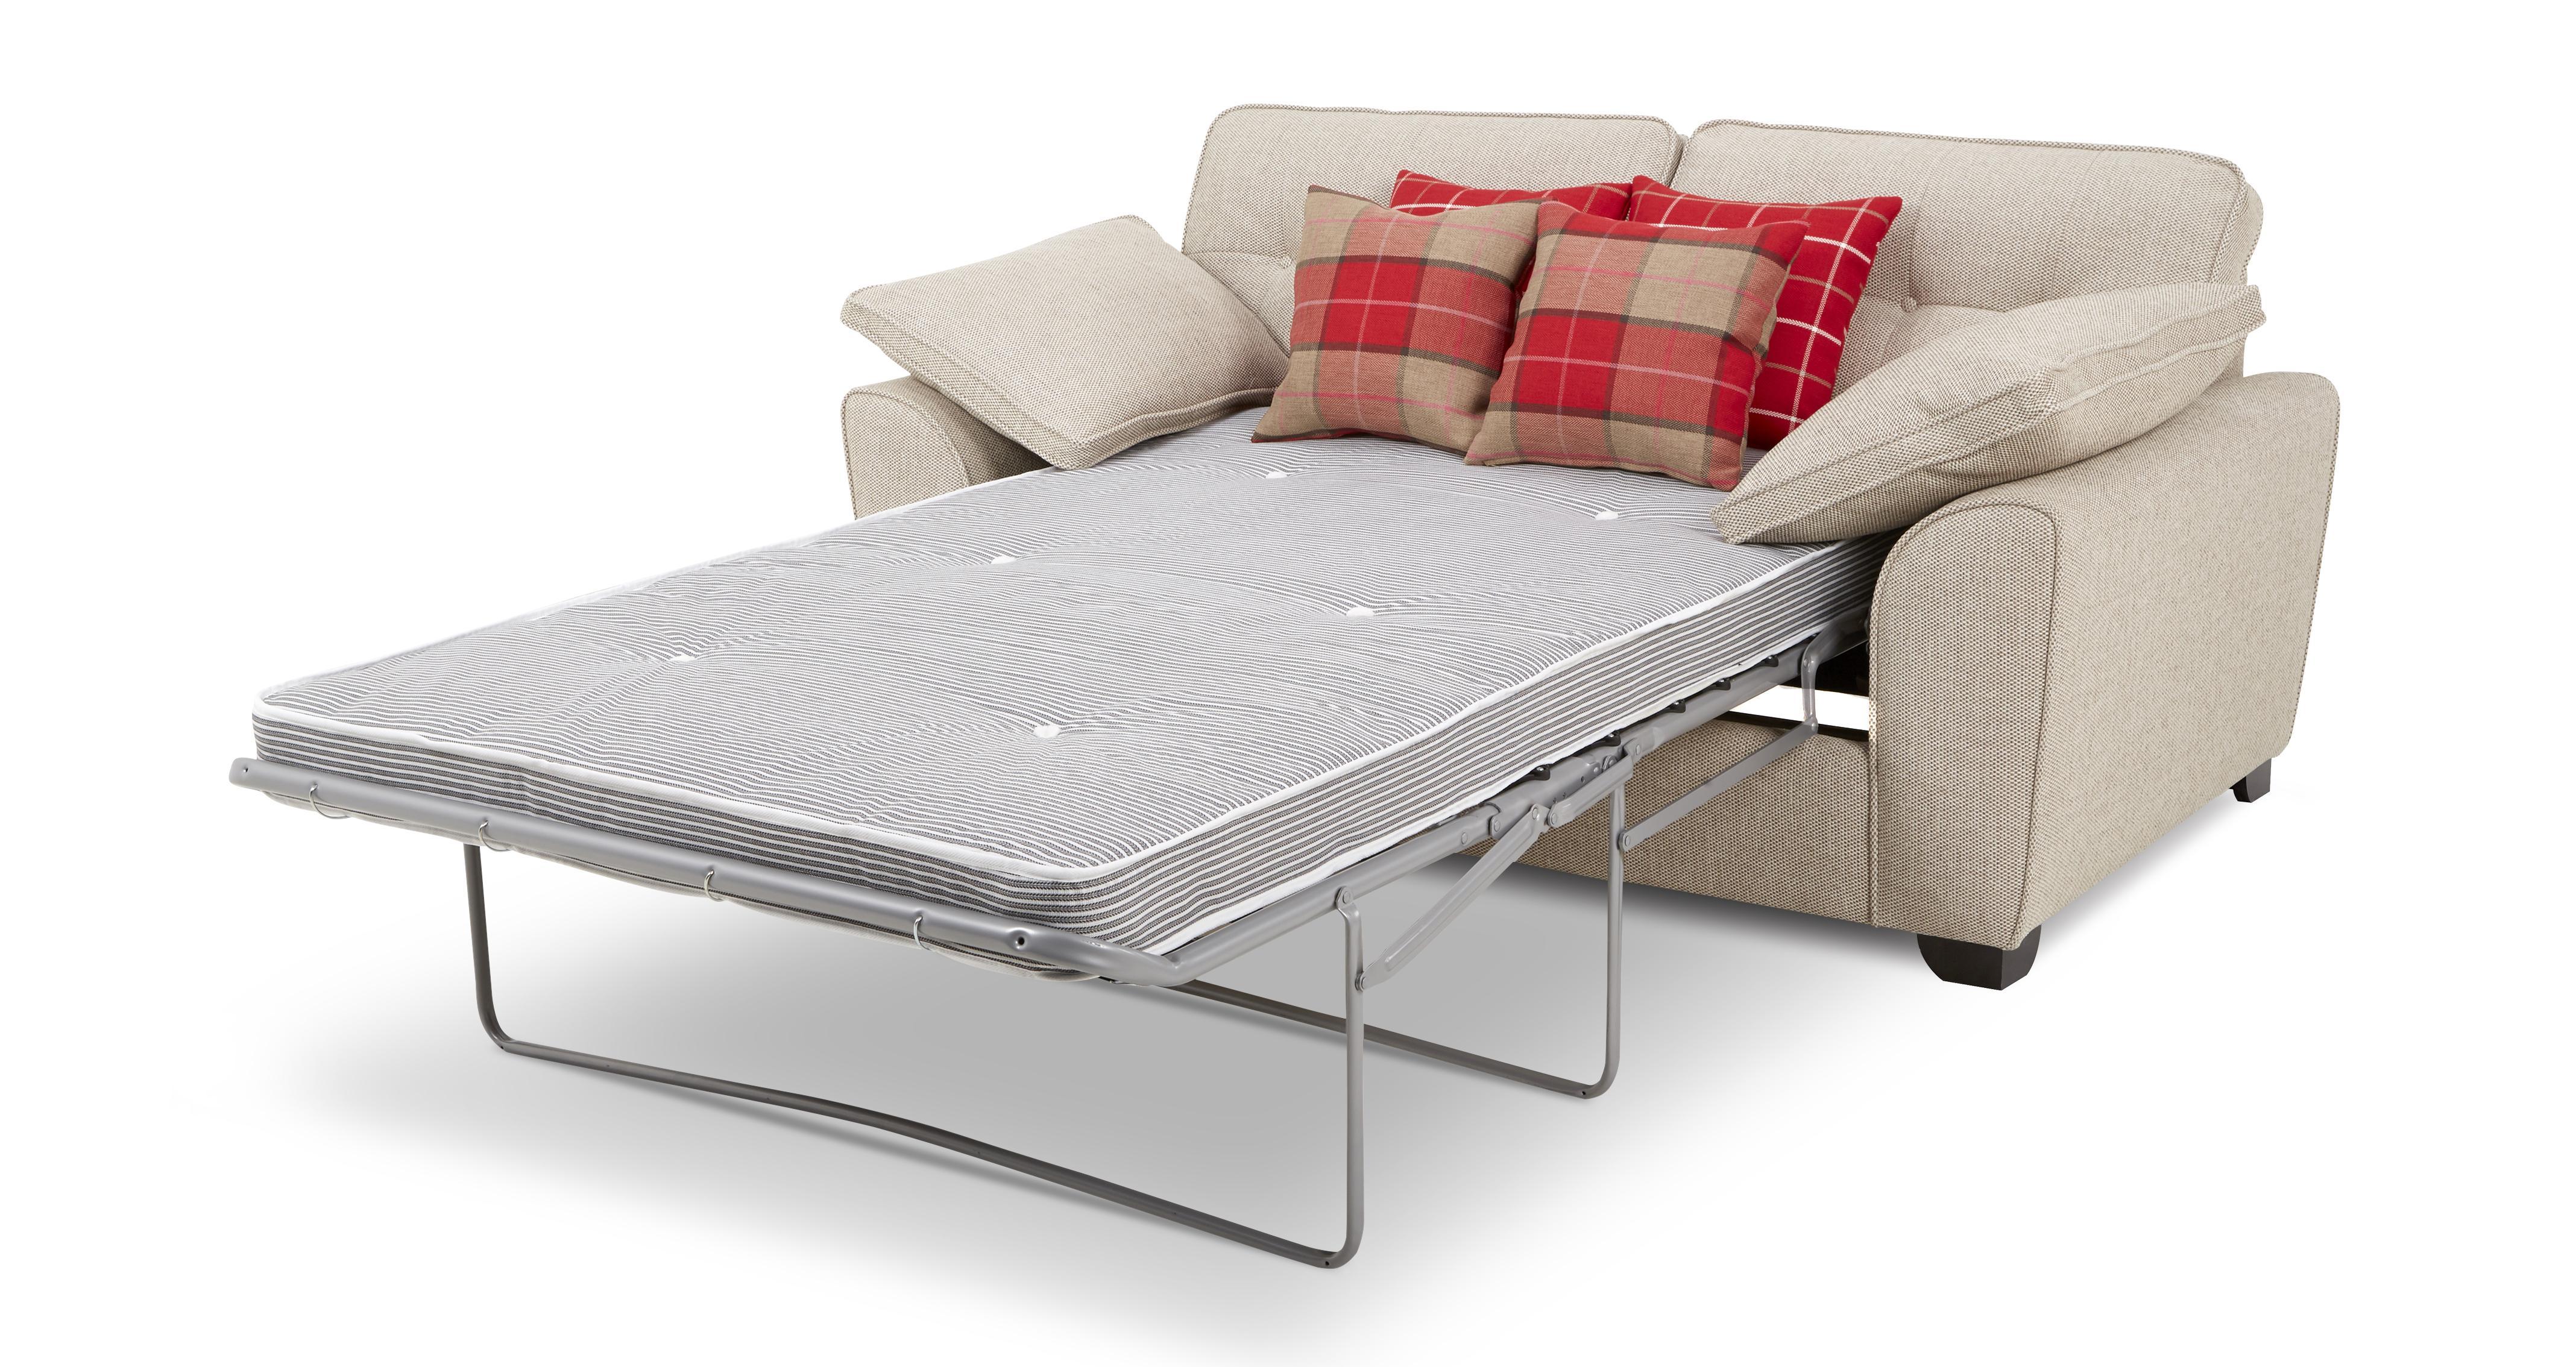 clearance sofa bed uk. Black Bedroom Furniture Sets. Home Design Ideas